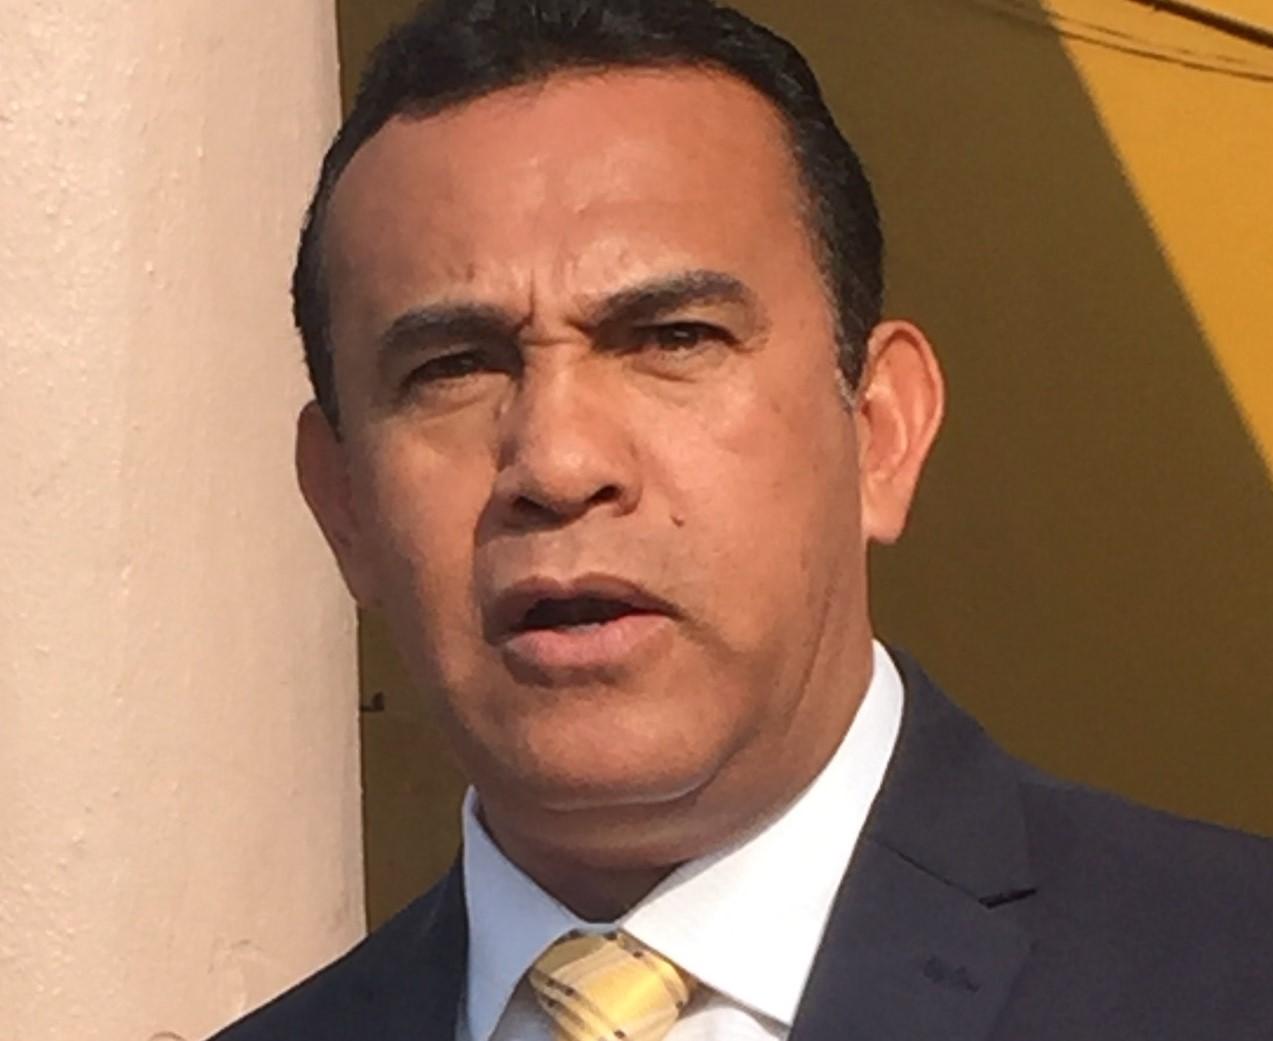 el alcalde de Cortazar dio a conocer que en esta semana se abrirán a la circulación varias calles que ya fueron urbanizadas, unas 17, dentro de las que están las que se inaugurarán.